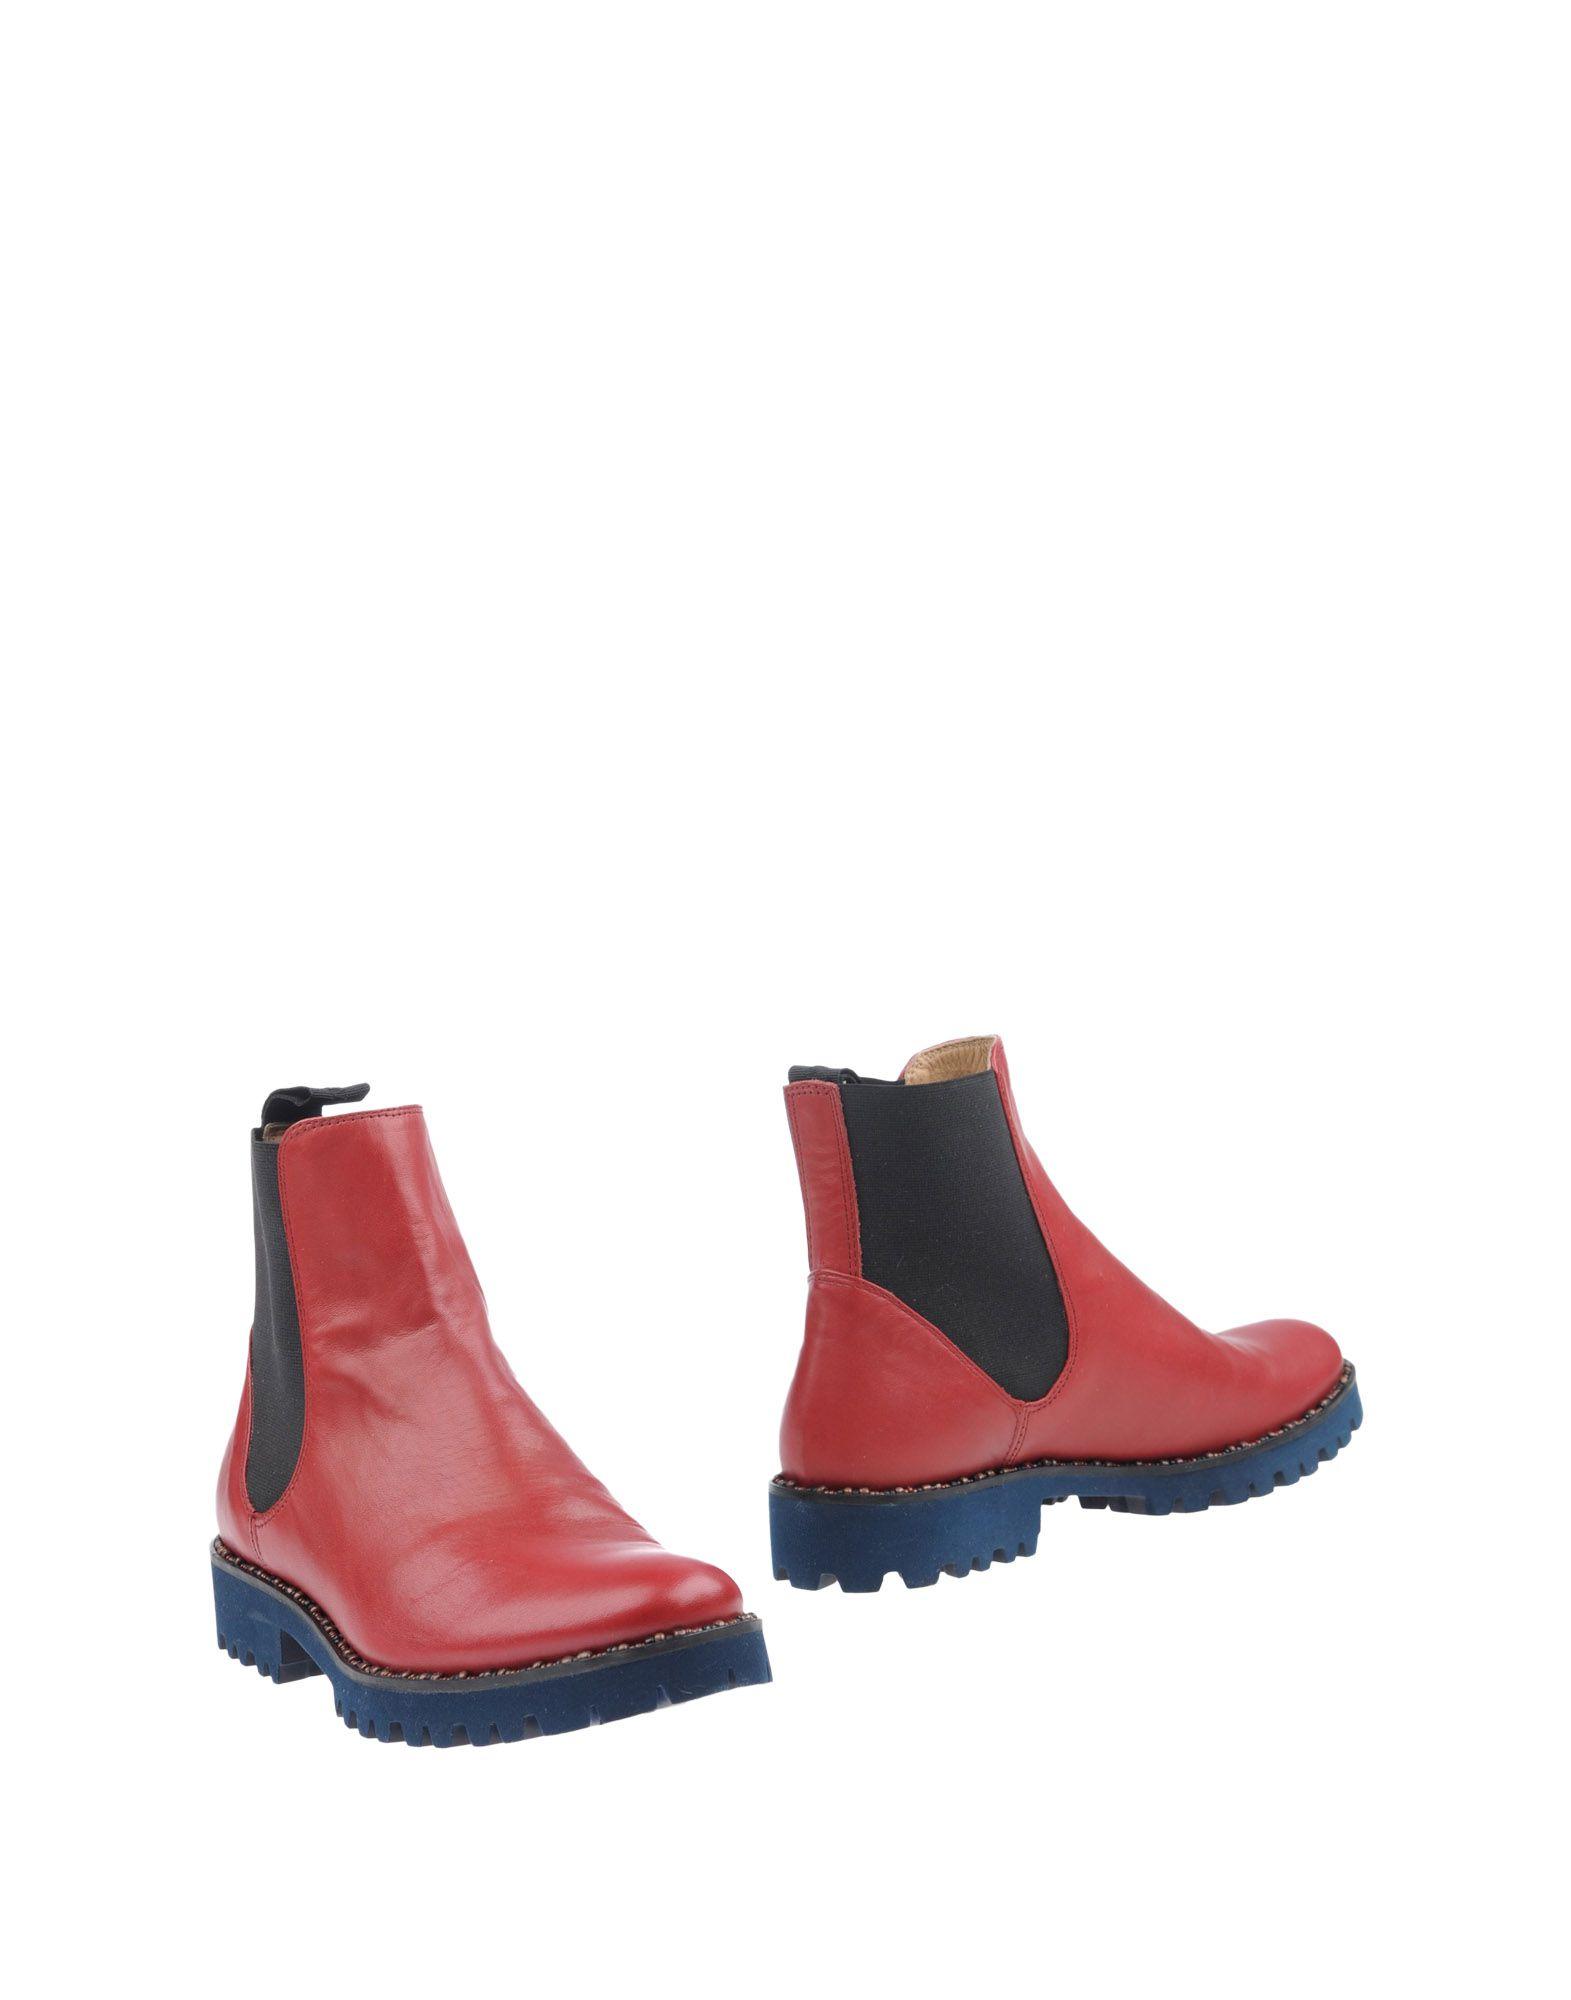 Malìparmi Stiefelette strapazierfähige Damen  11243912HOGut aussehende strapazierfähige Stiefelette Schuhe e43339